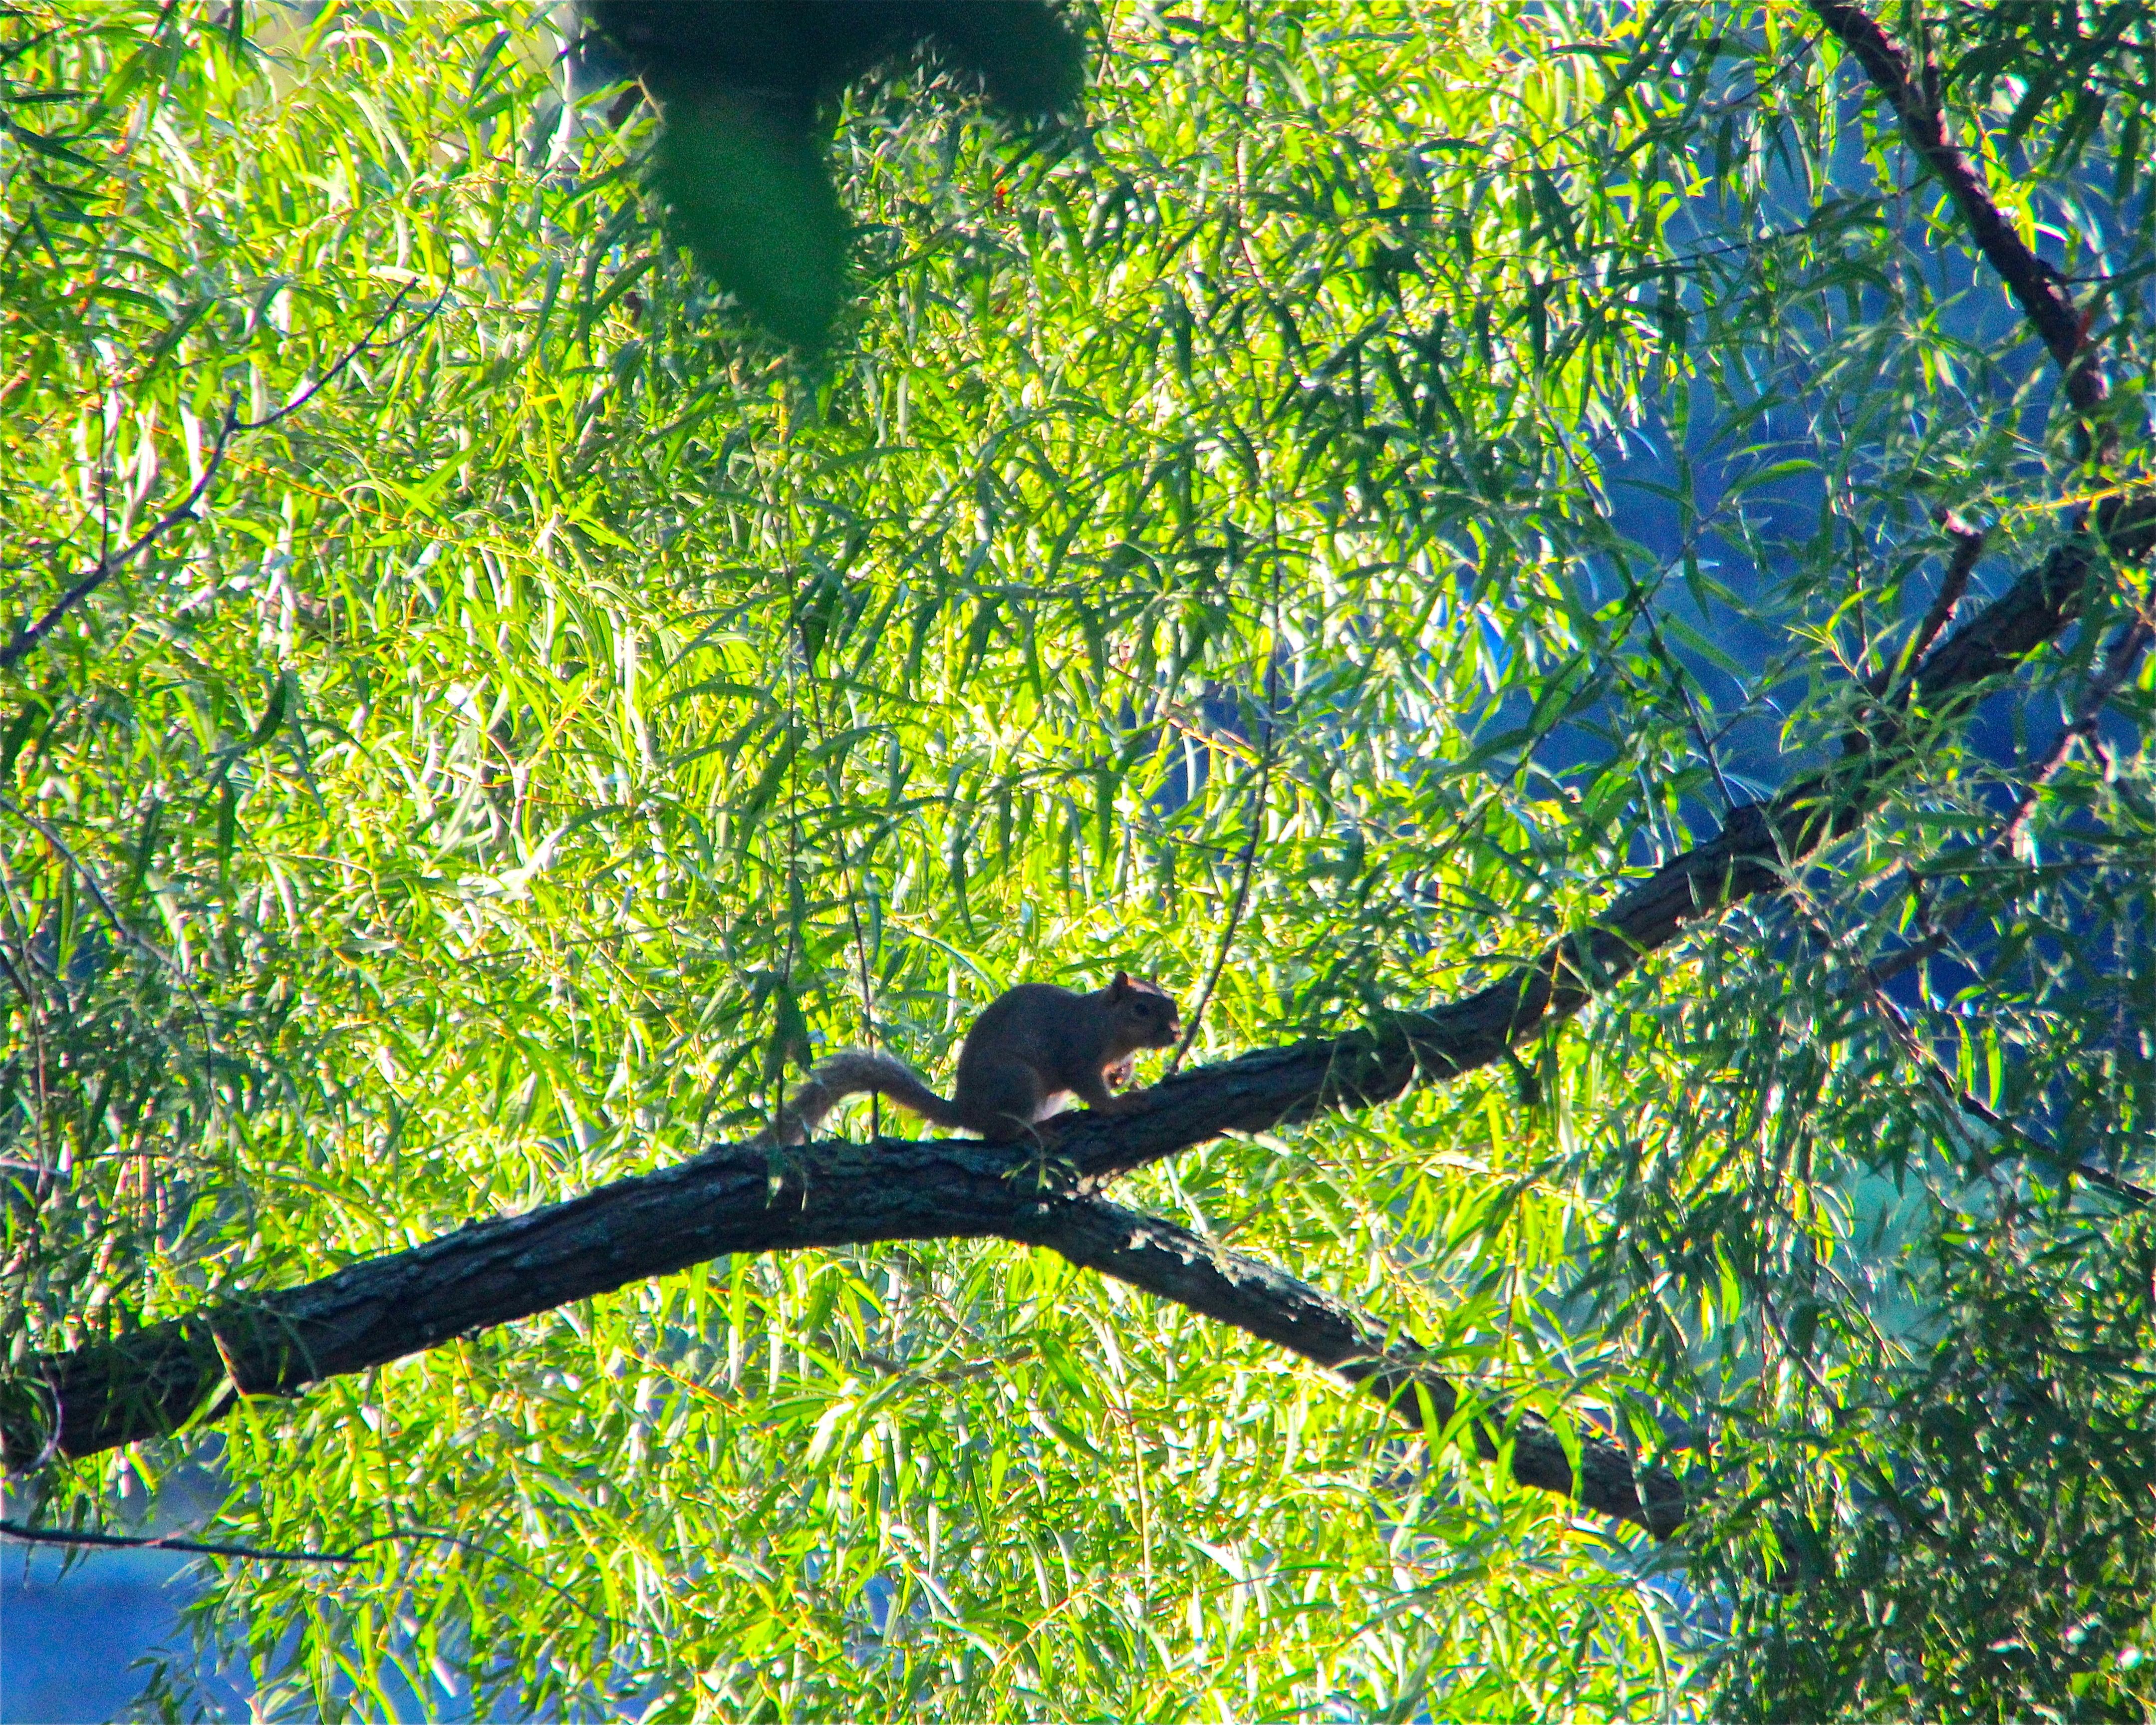 Squirrel in a treeJPG